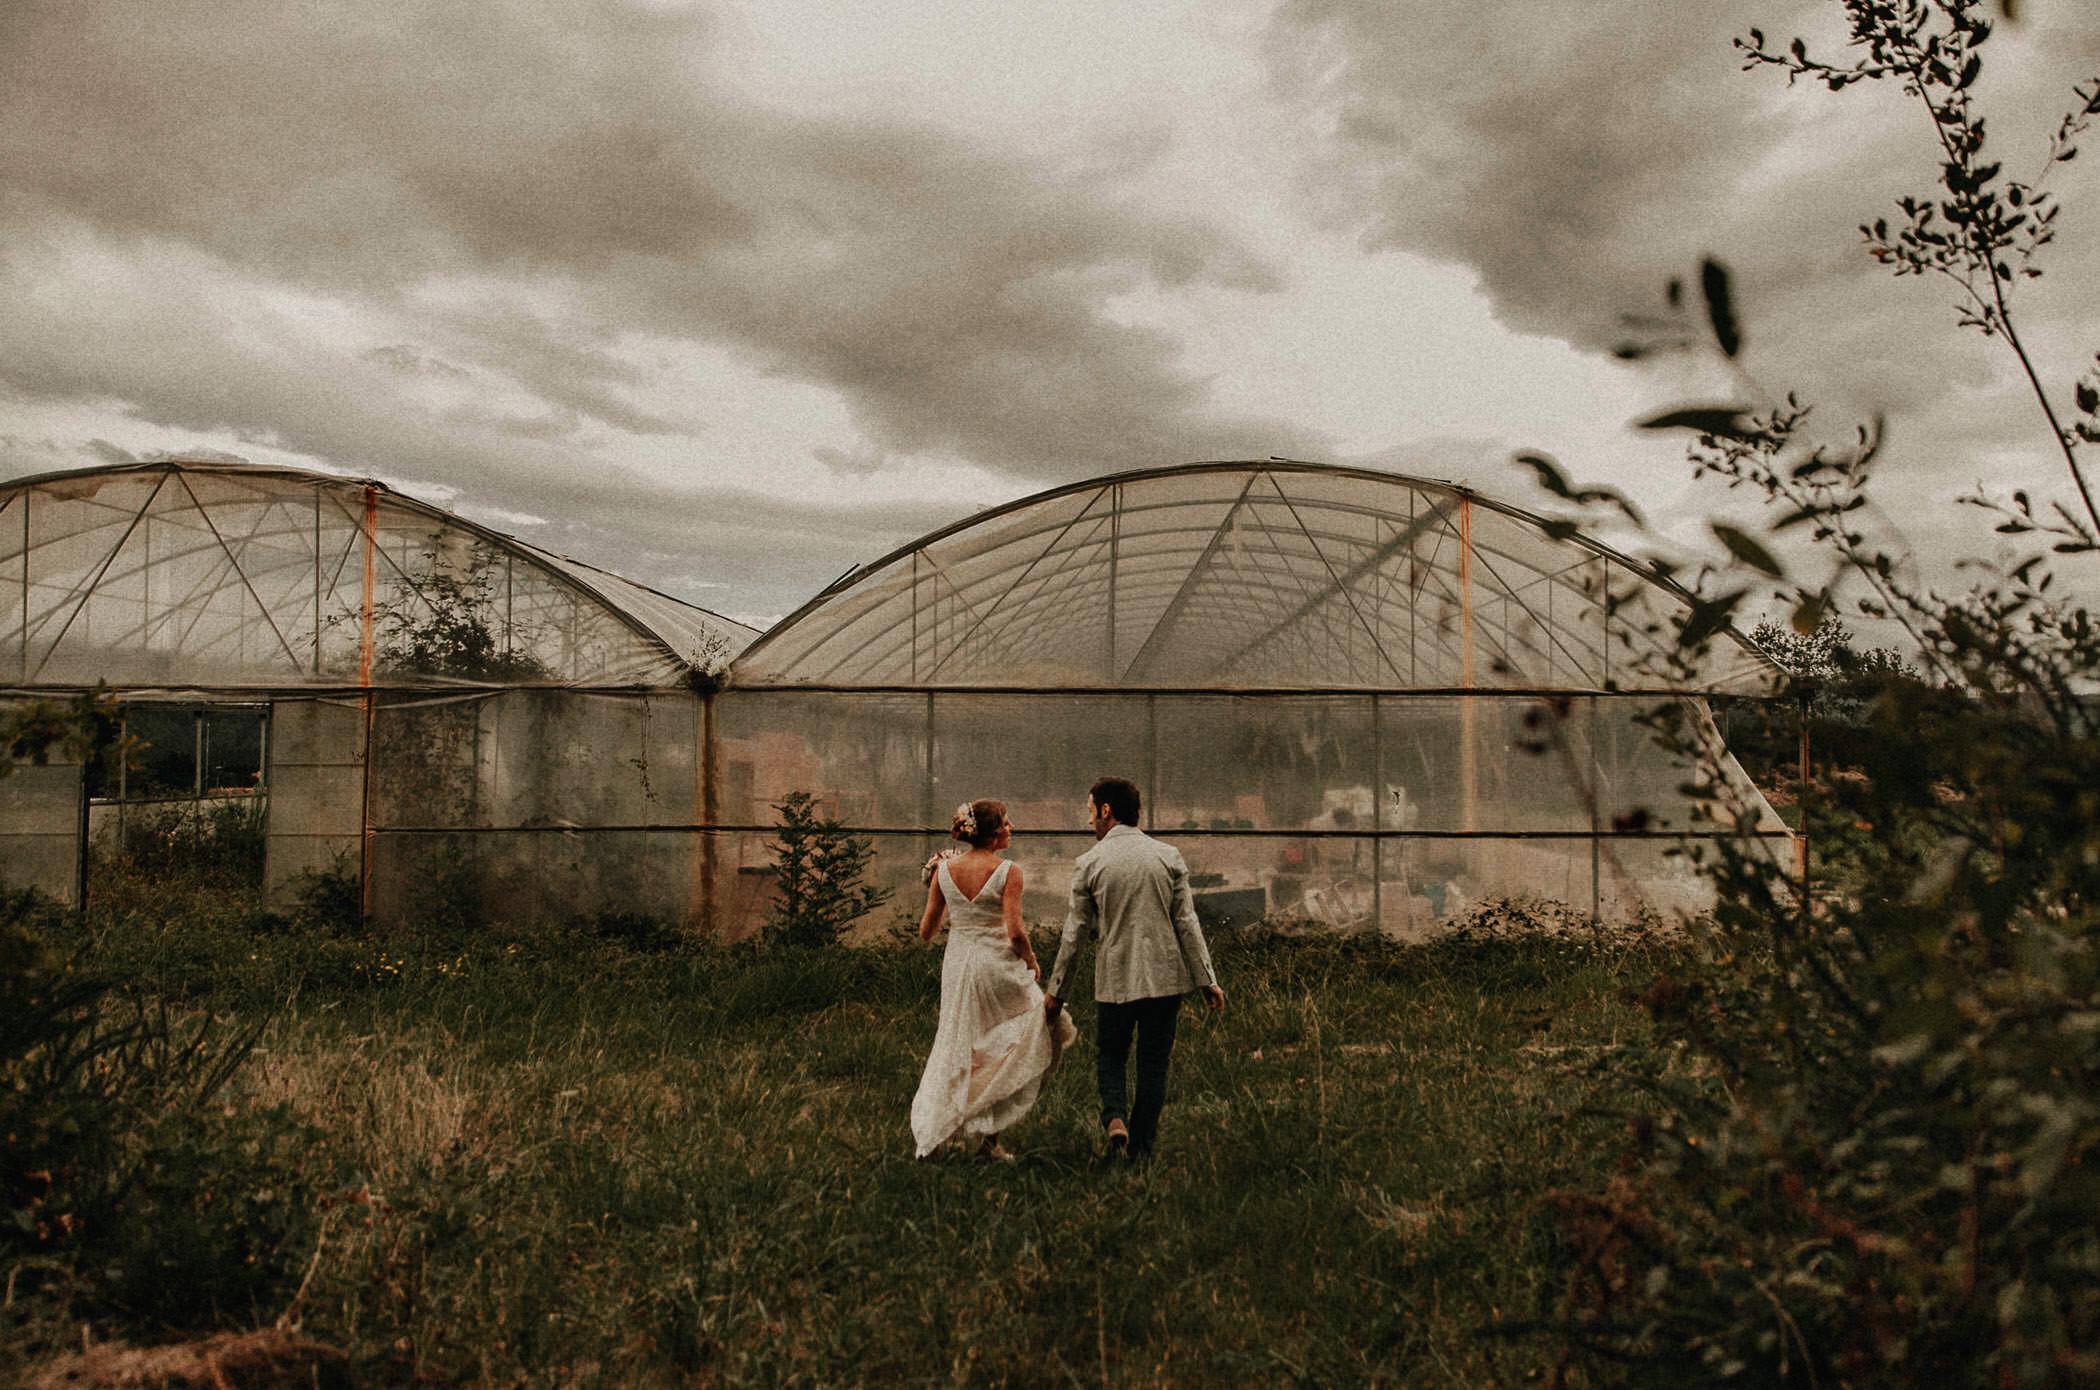 Heartmade-weddings-fotografos-de-boda-bizkaia-gipuzkoa